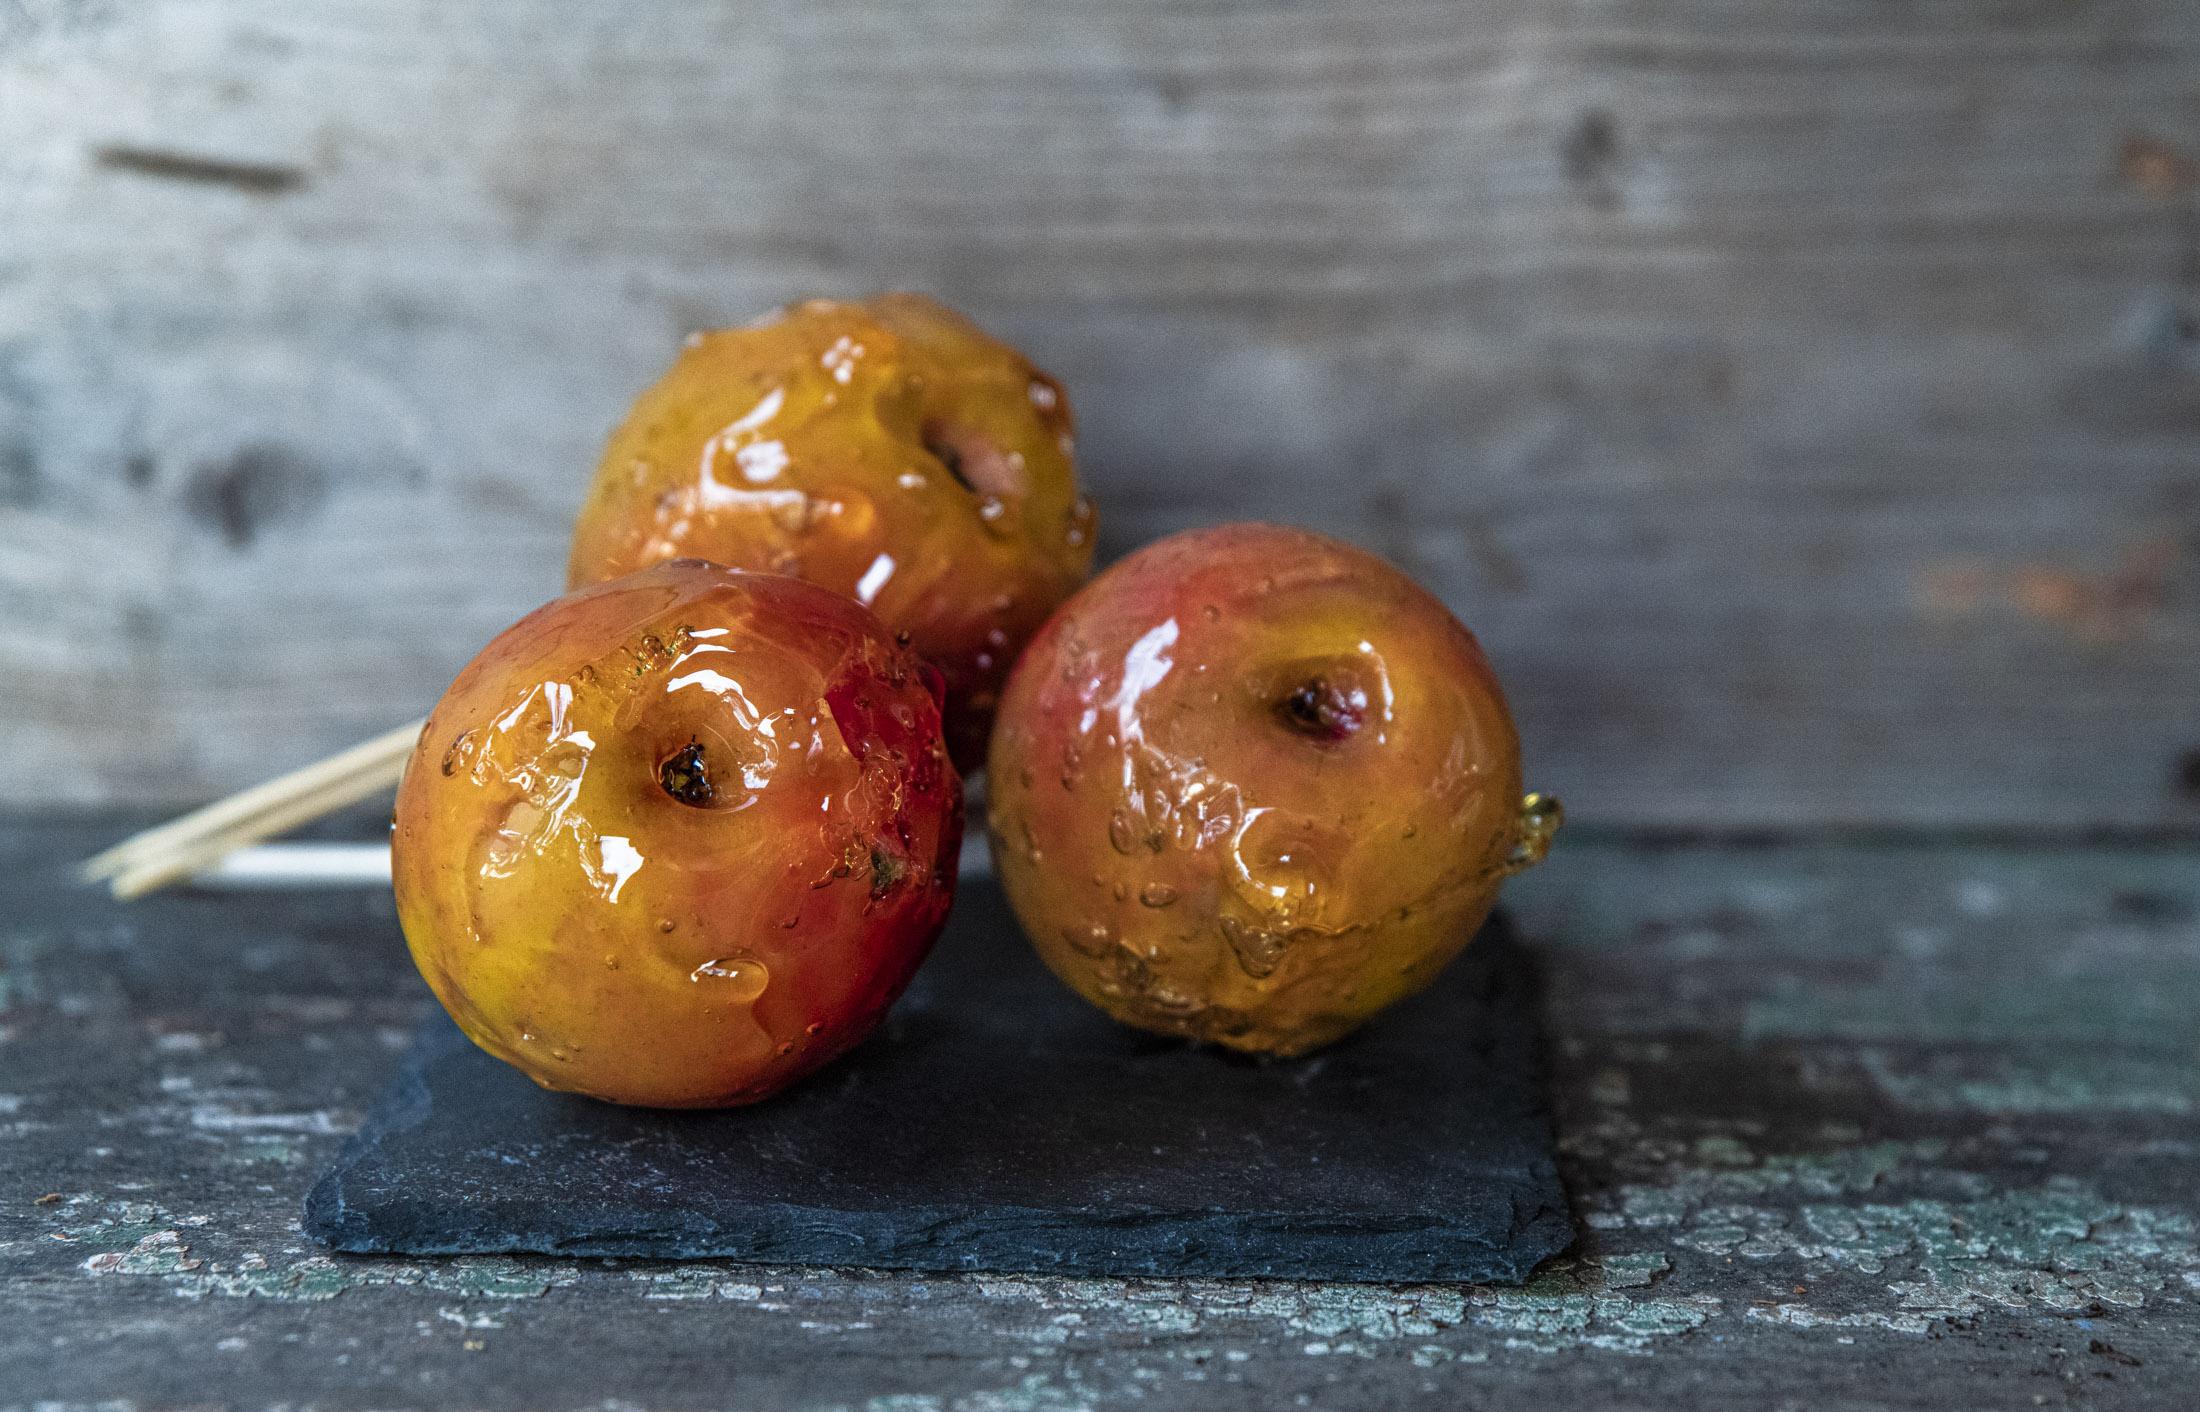 Kanderade äpplen, lika gott som godis